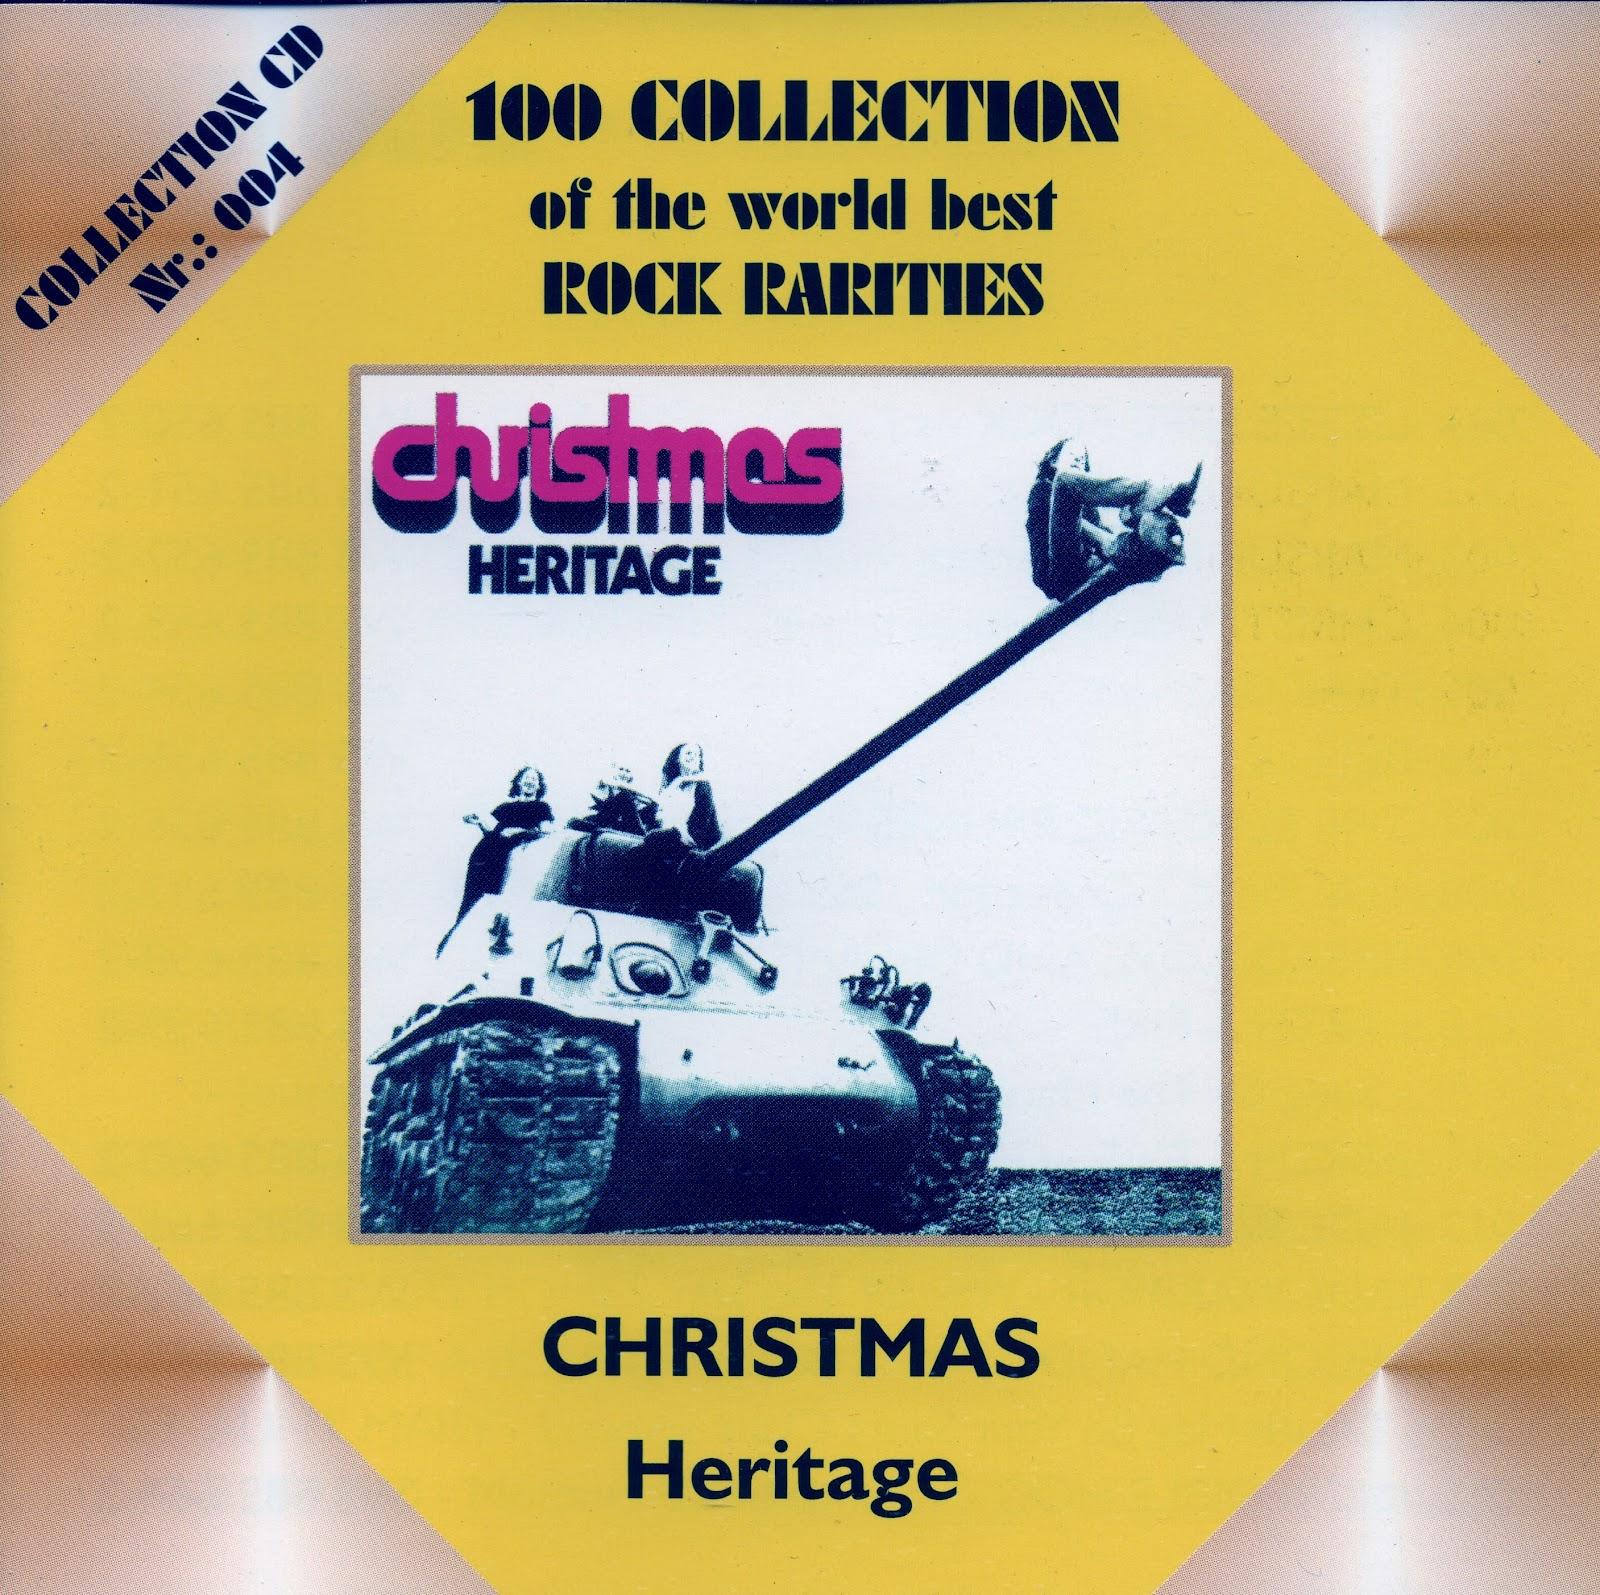 Christmas Heritage